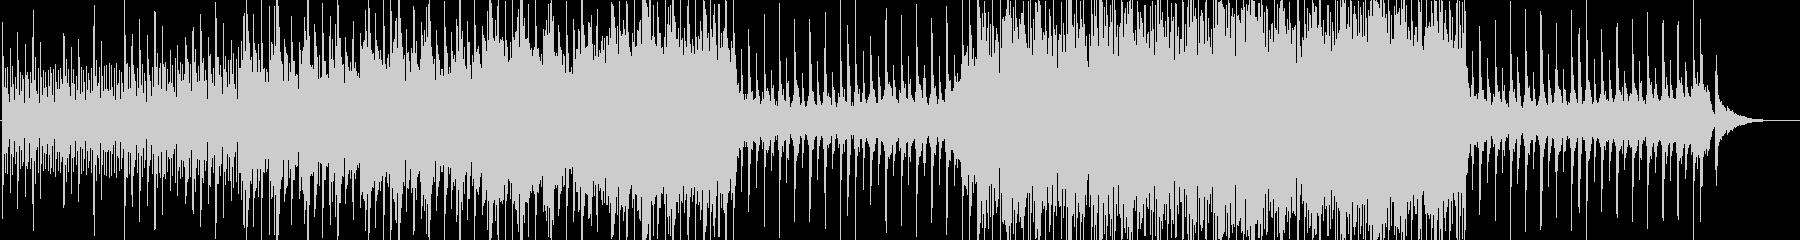 ピアノ-ストリングス-動画-感動-森-空の未再生の波形